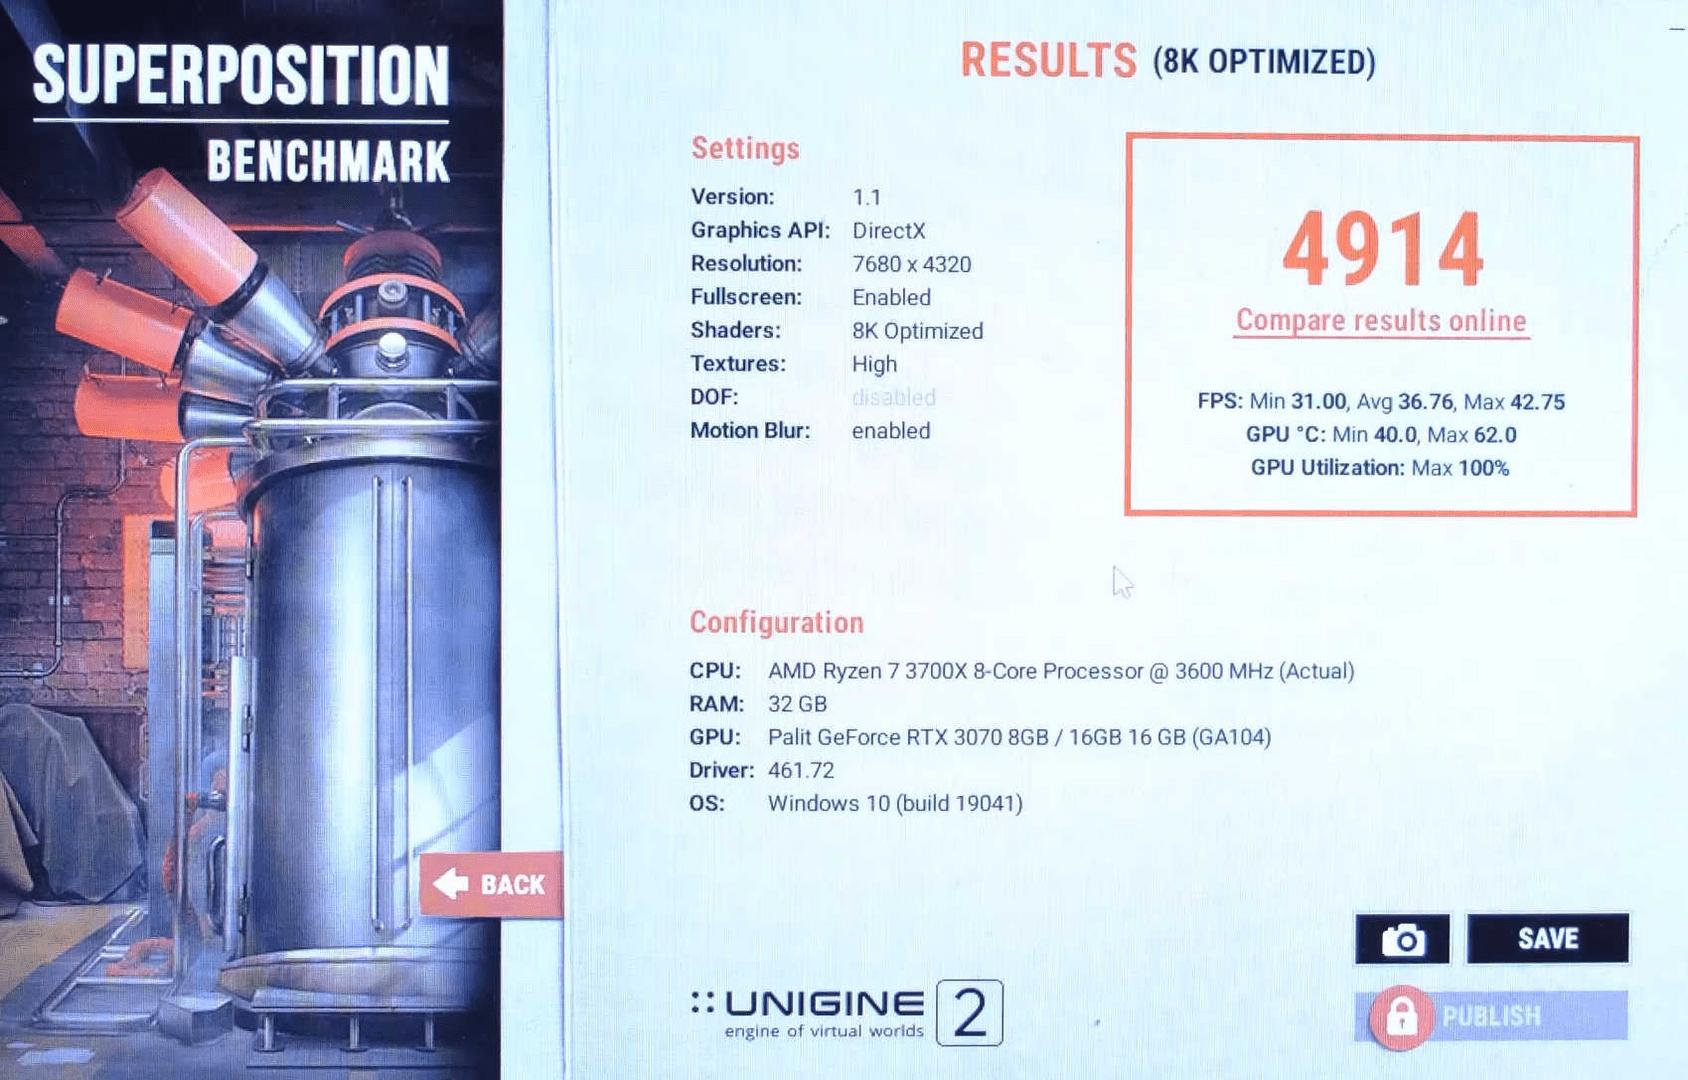 Die GeForce RTX 3070 16GB in overlay mode